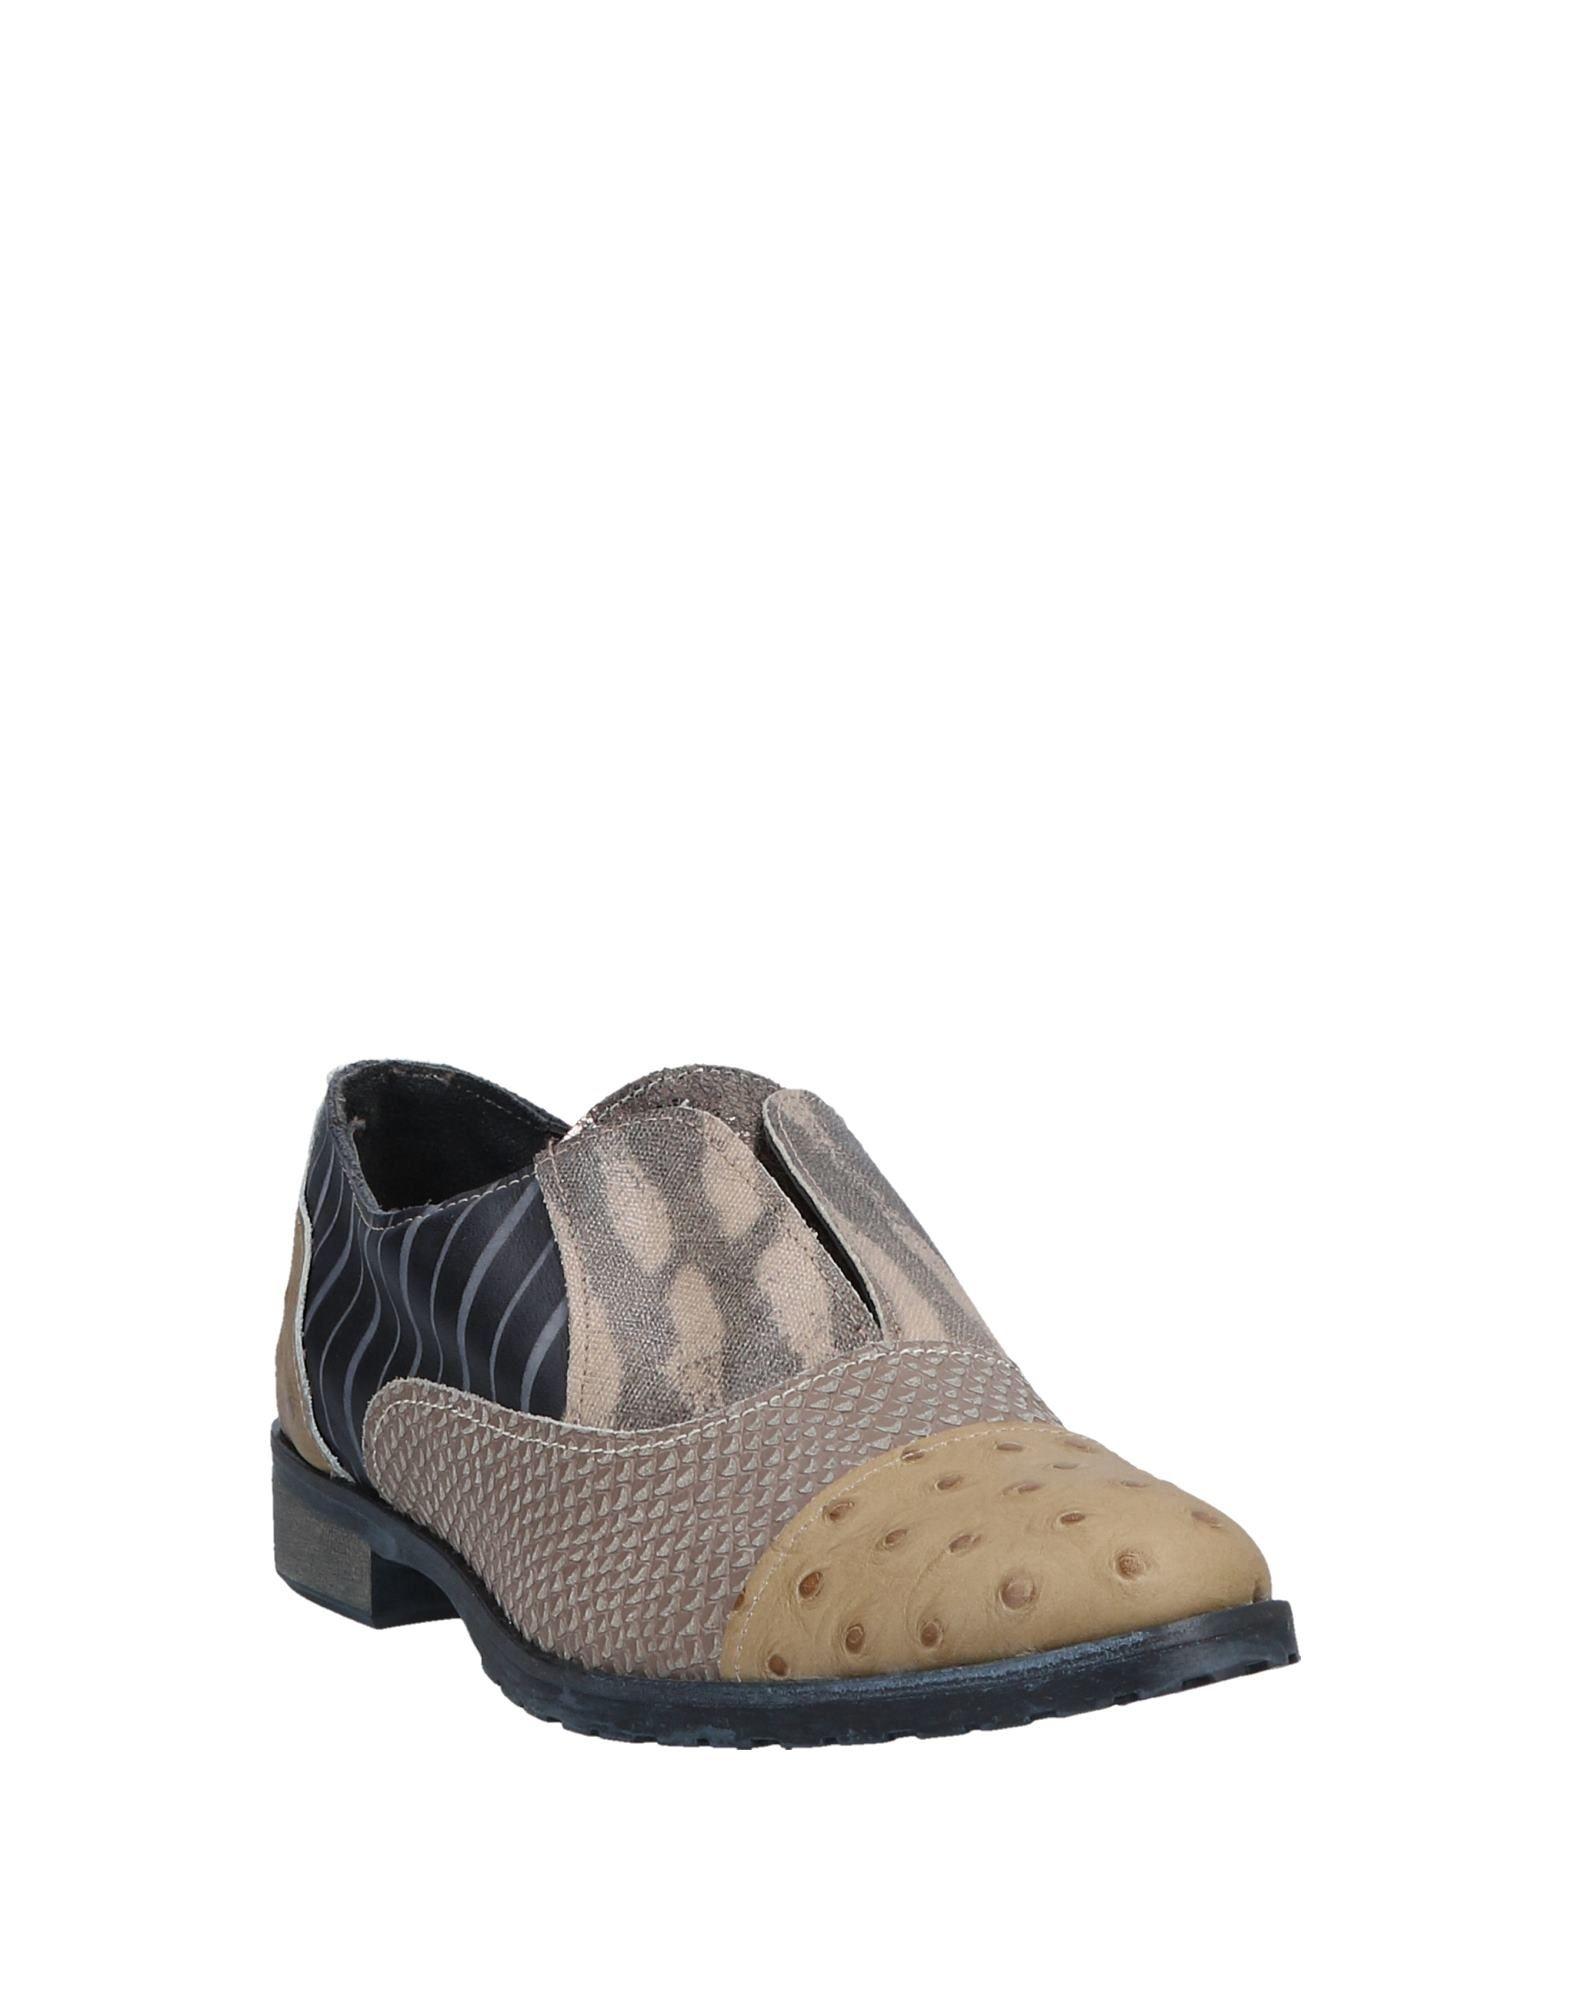 Ebarrito Gute Mokassins Damen  11555052FD Gute Ebarrito Qualität beliebte Schuhe 074009